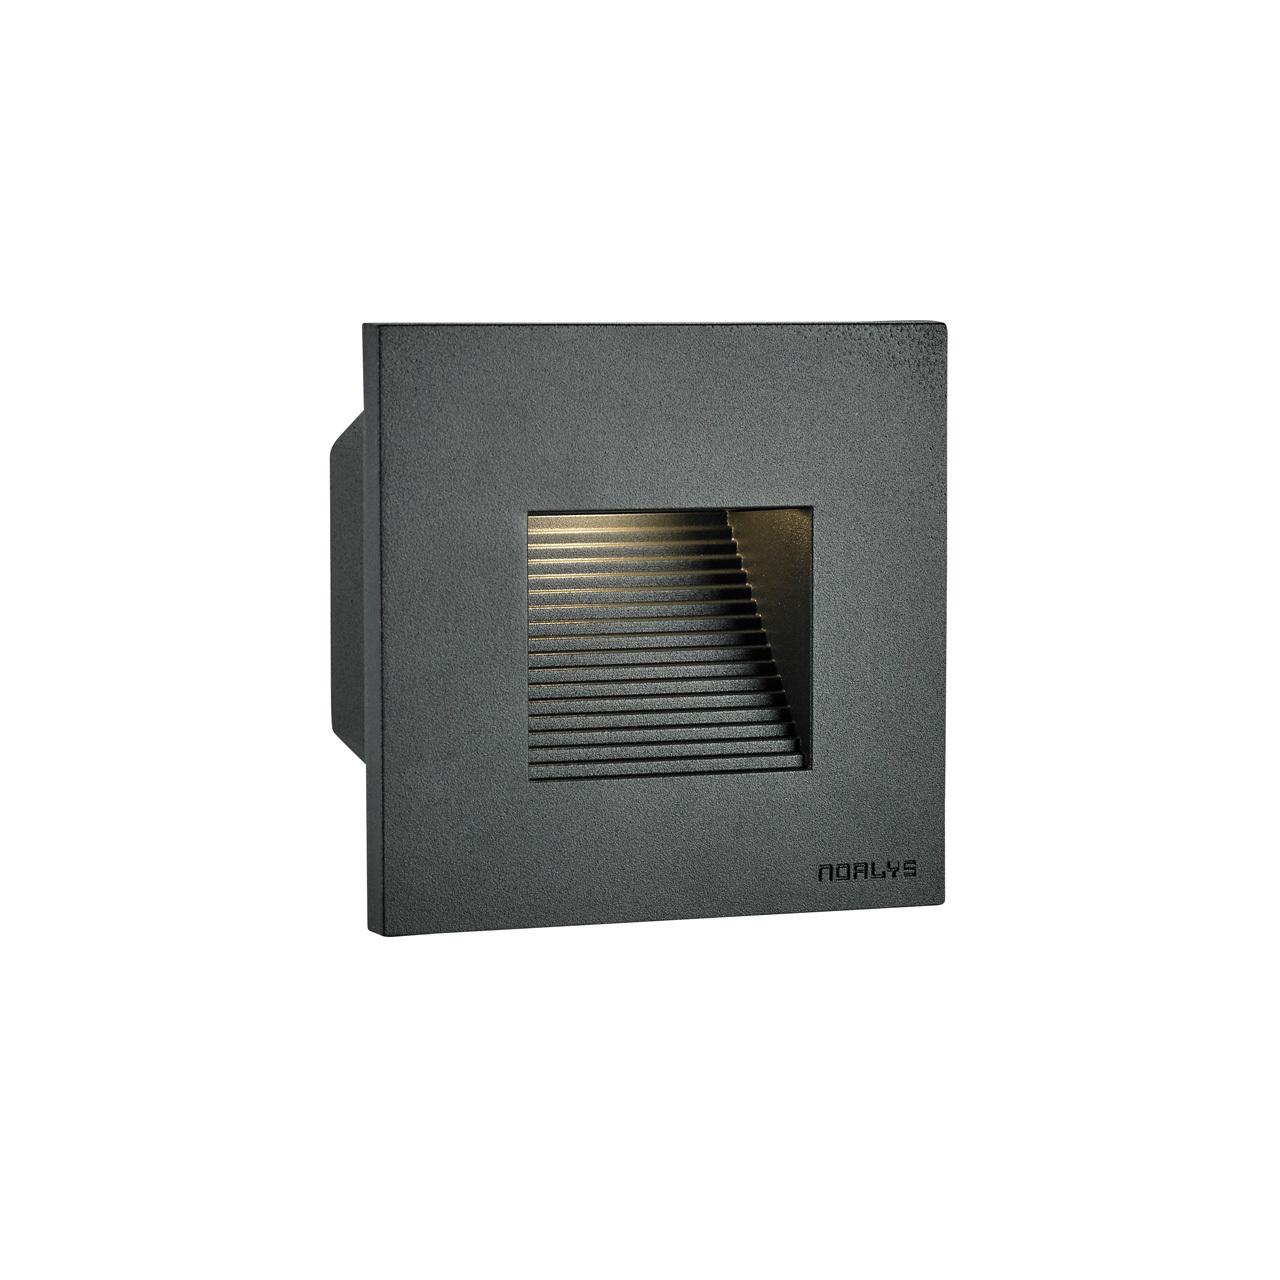 Lampa do zabudowania NAMSOS MINI LED 1340GR -Norlys  SPRAWDŹ RABATY  5-10-15-20 % w koszyku